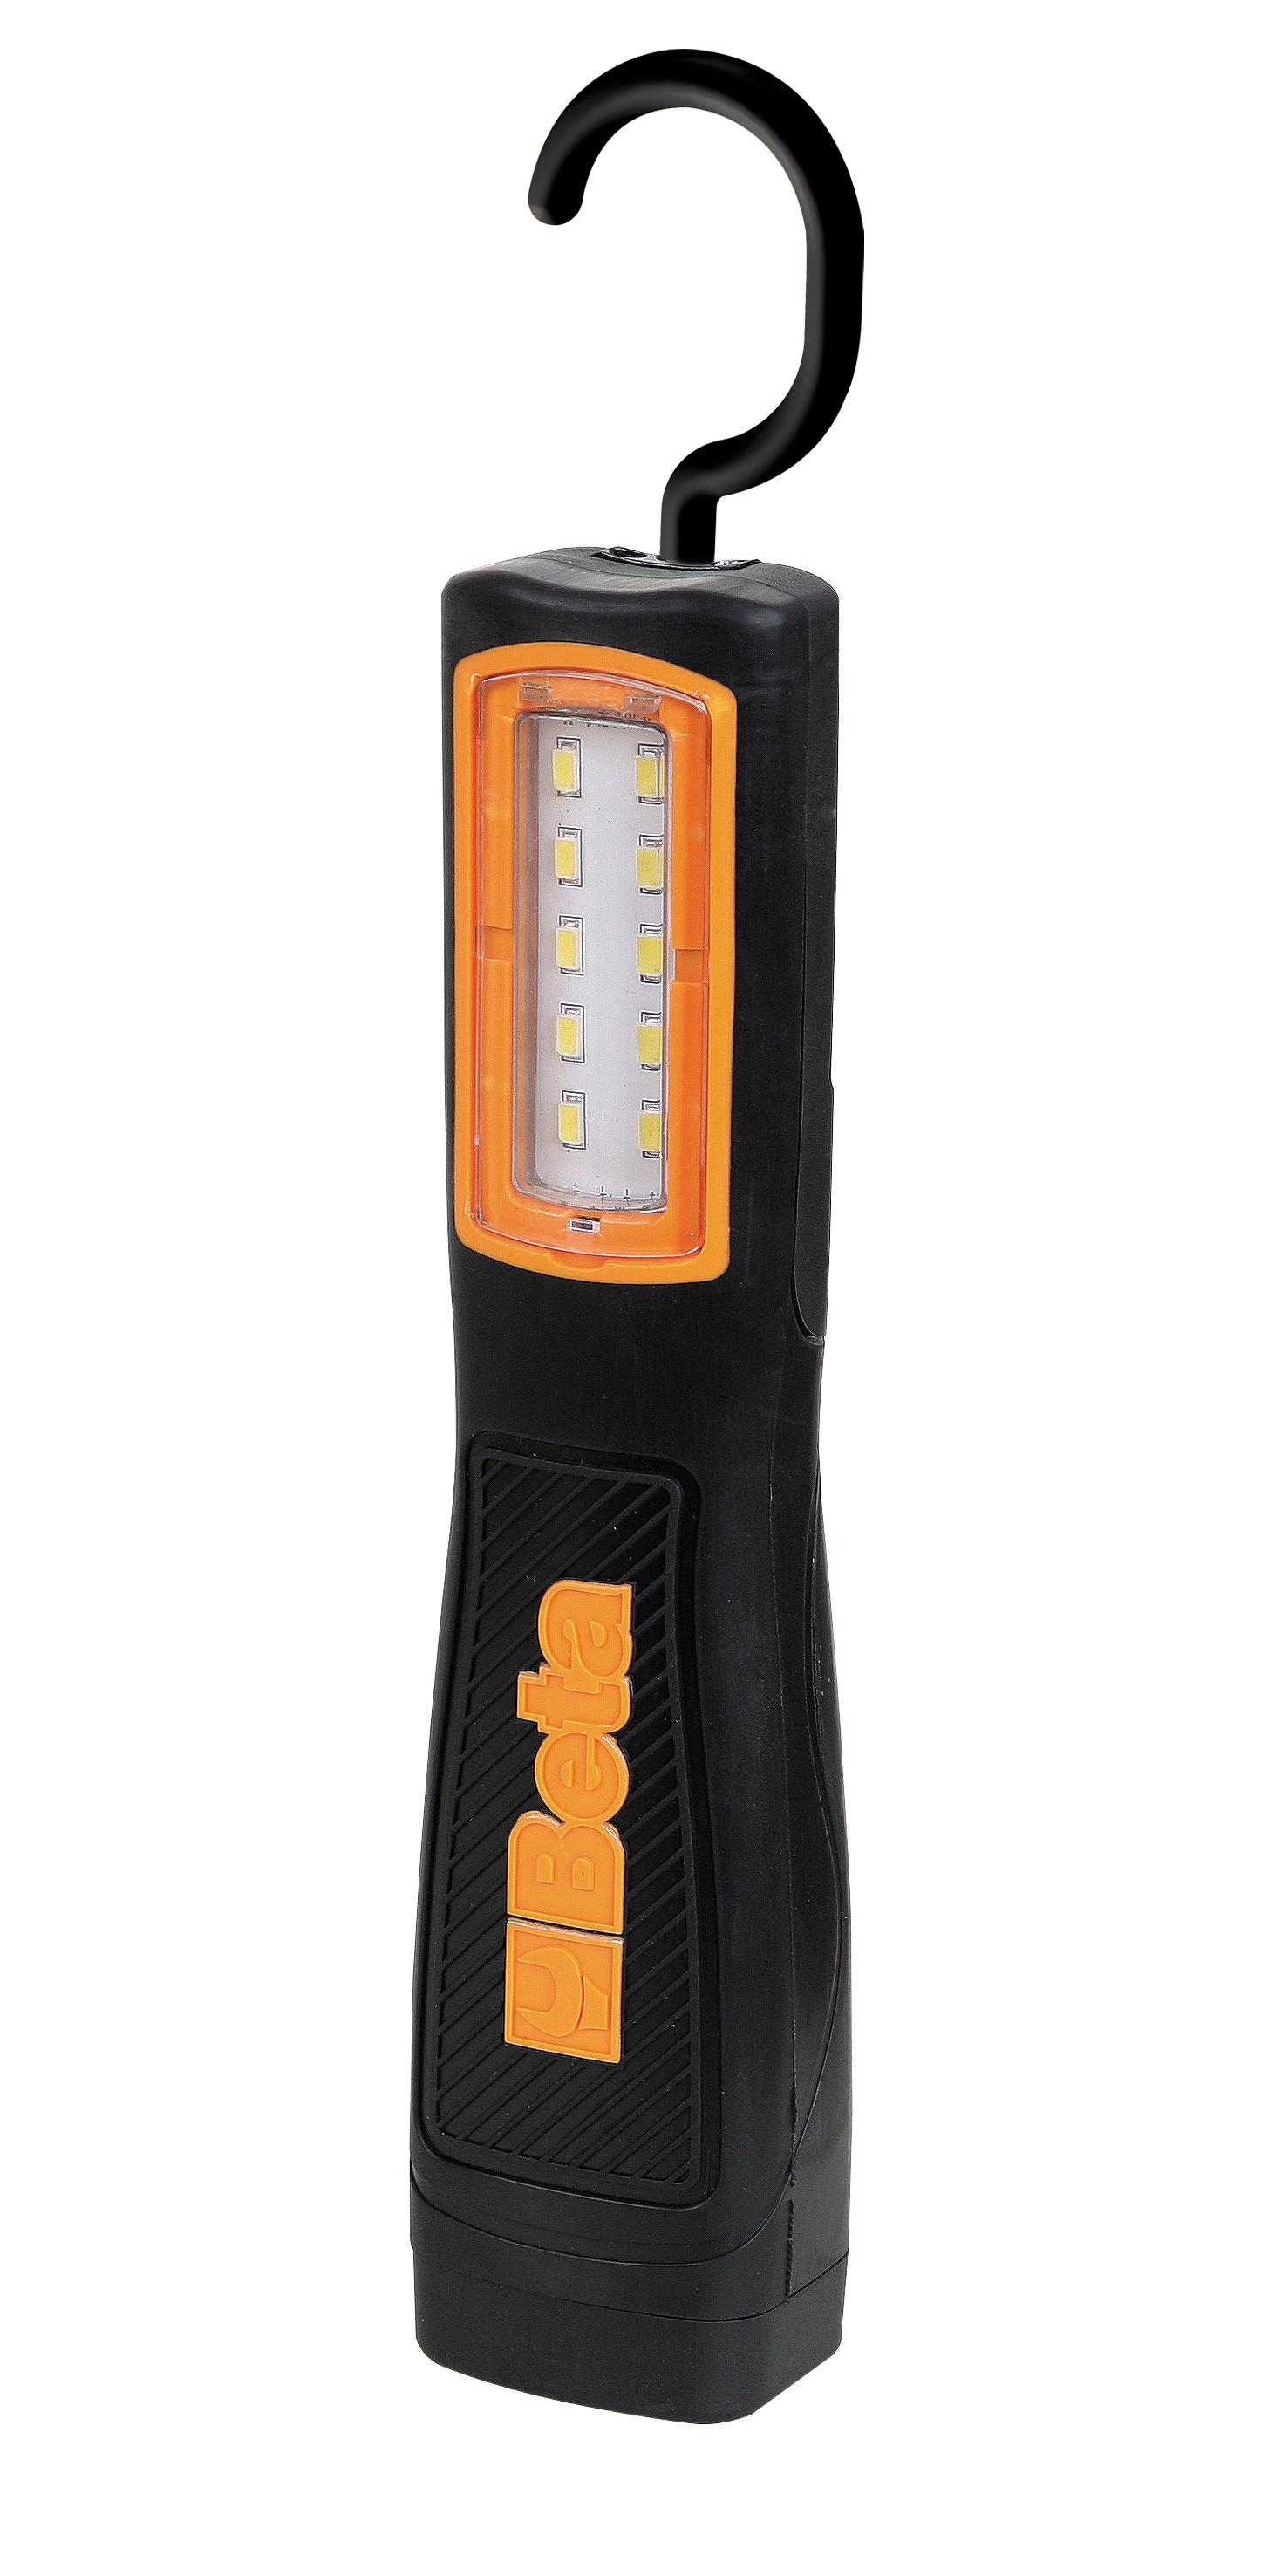 lampe rechargeable compacte led avec batterie au lithium. Black Bedroom Furniture Sets. Home Design Ideas